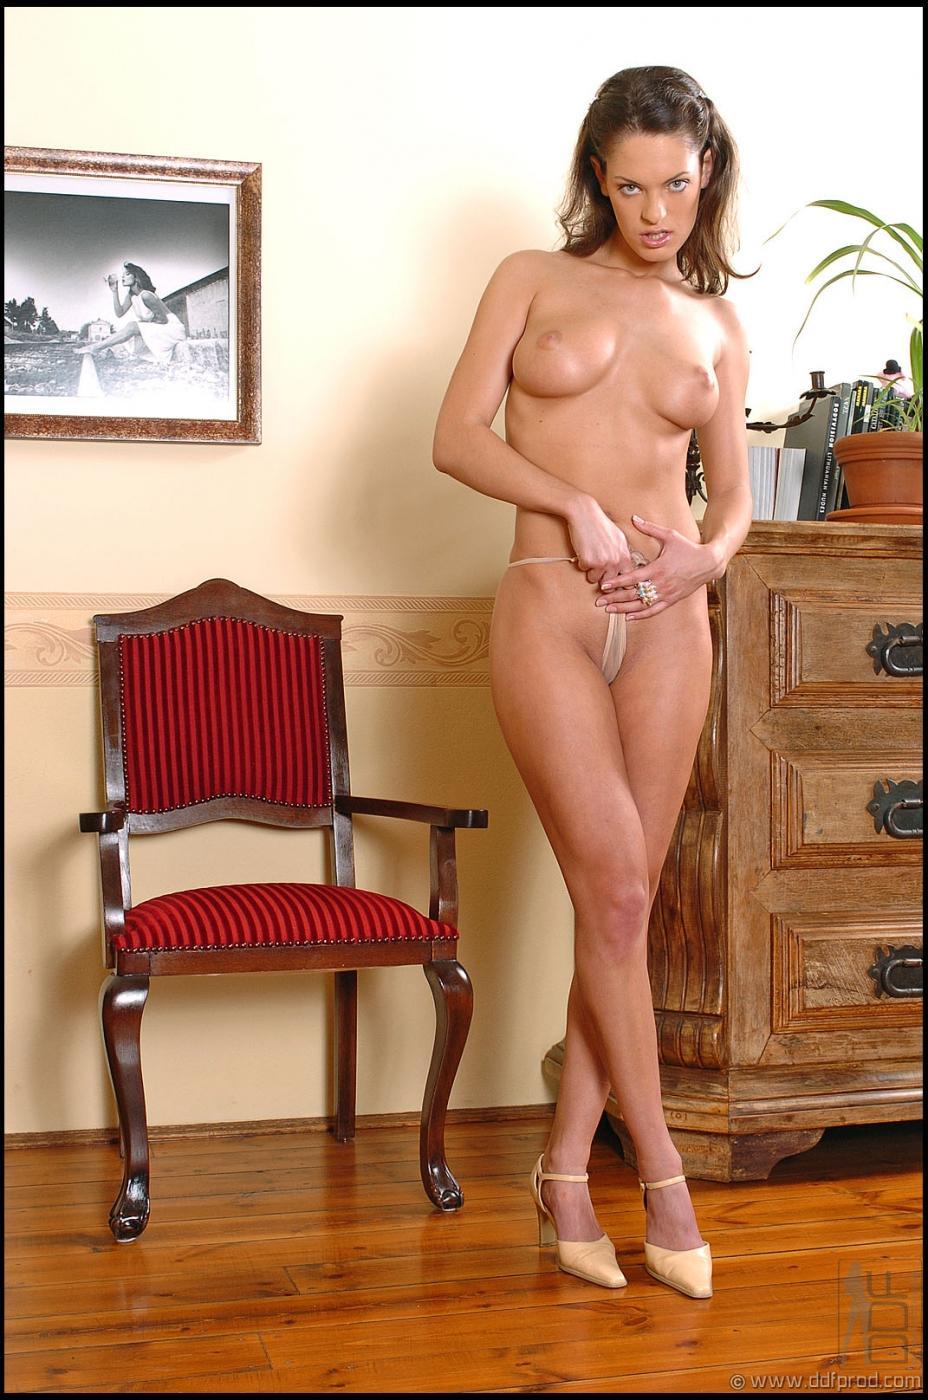 Невероятная модель с темными волосами Olivia York спускает нижнее белье и бежевые трусики